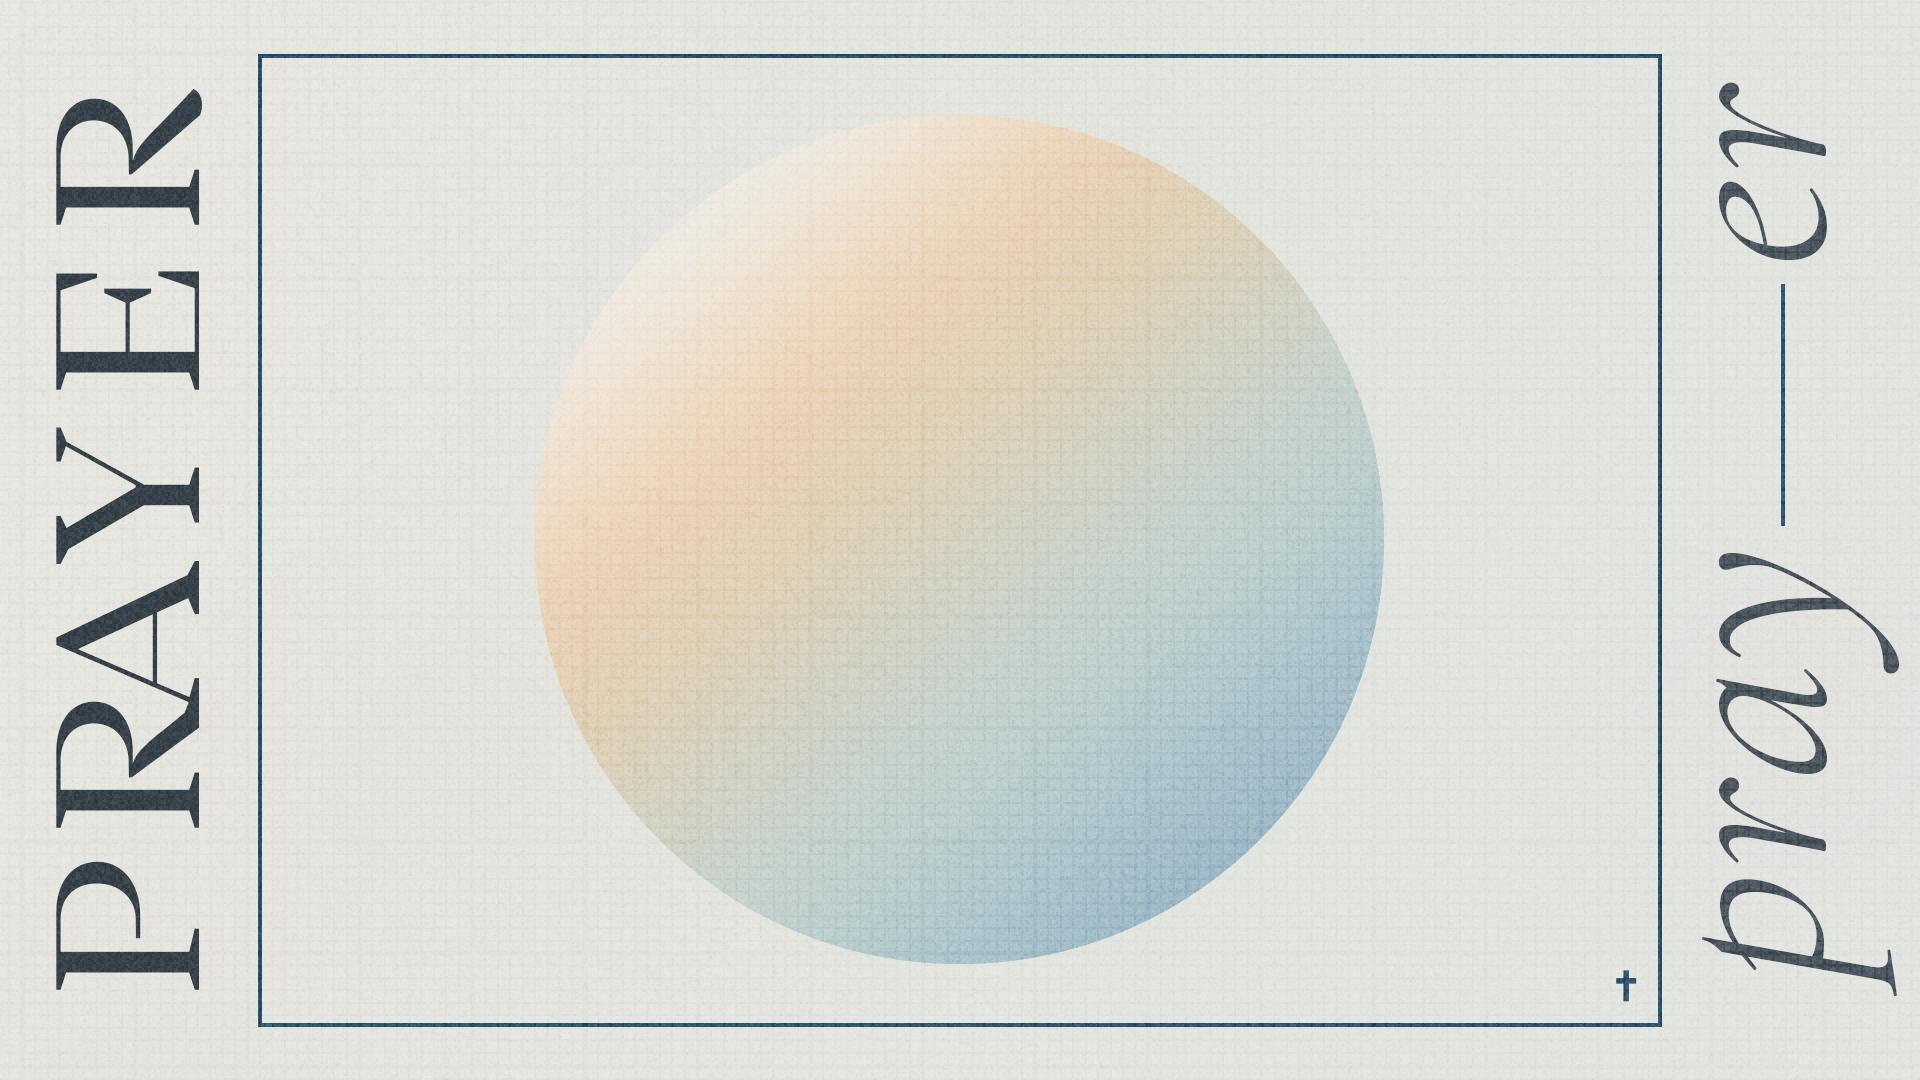 08_Prayer-main.jpg